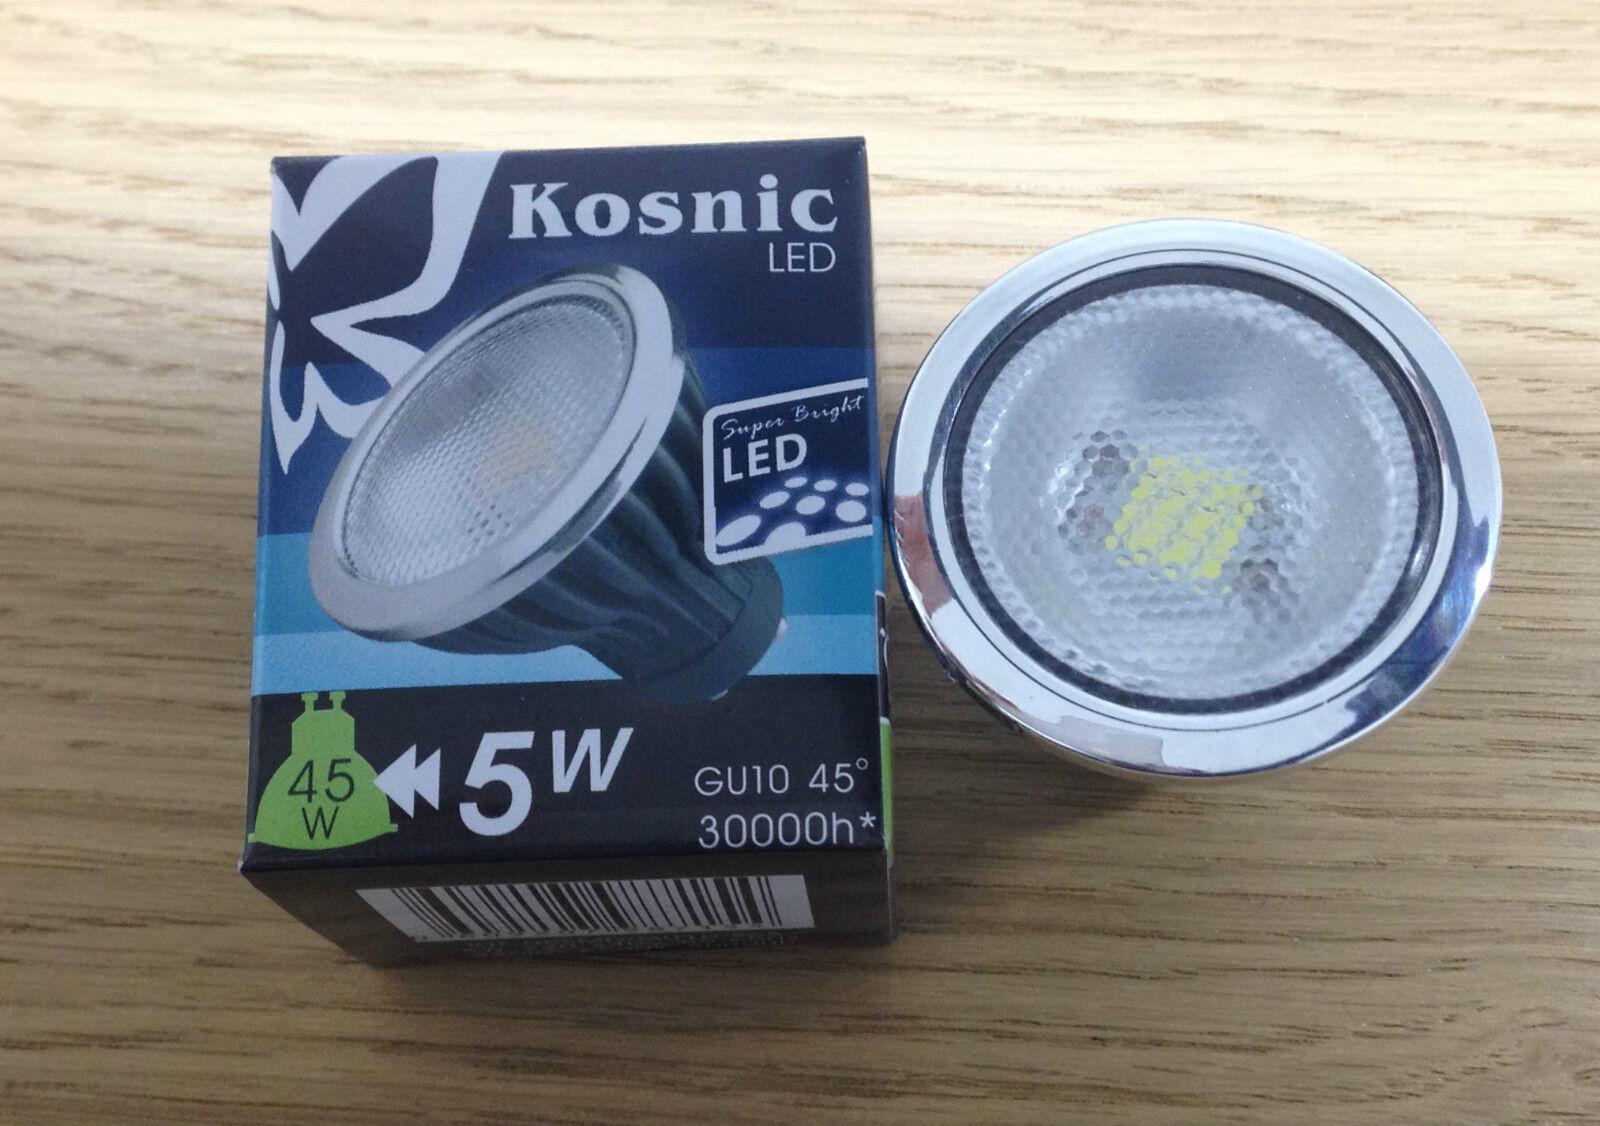 5W KOSNIC GU10 SMD LED - DAYLIGHT 6500K  COOL Weiß 4000K  WARM Weiß 3000K